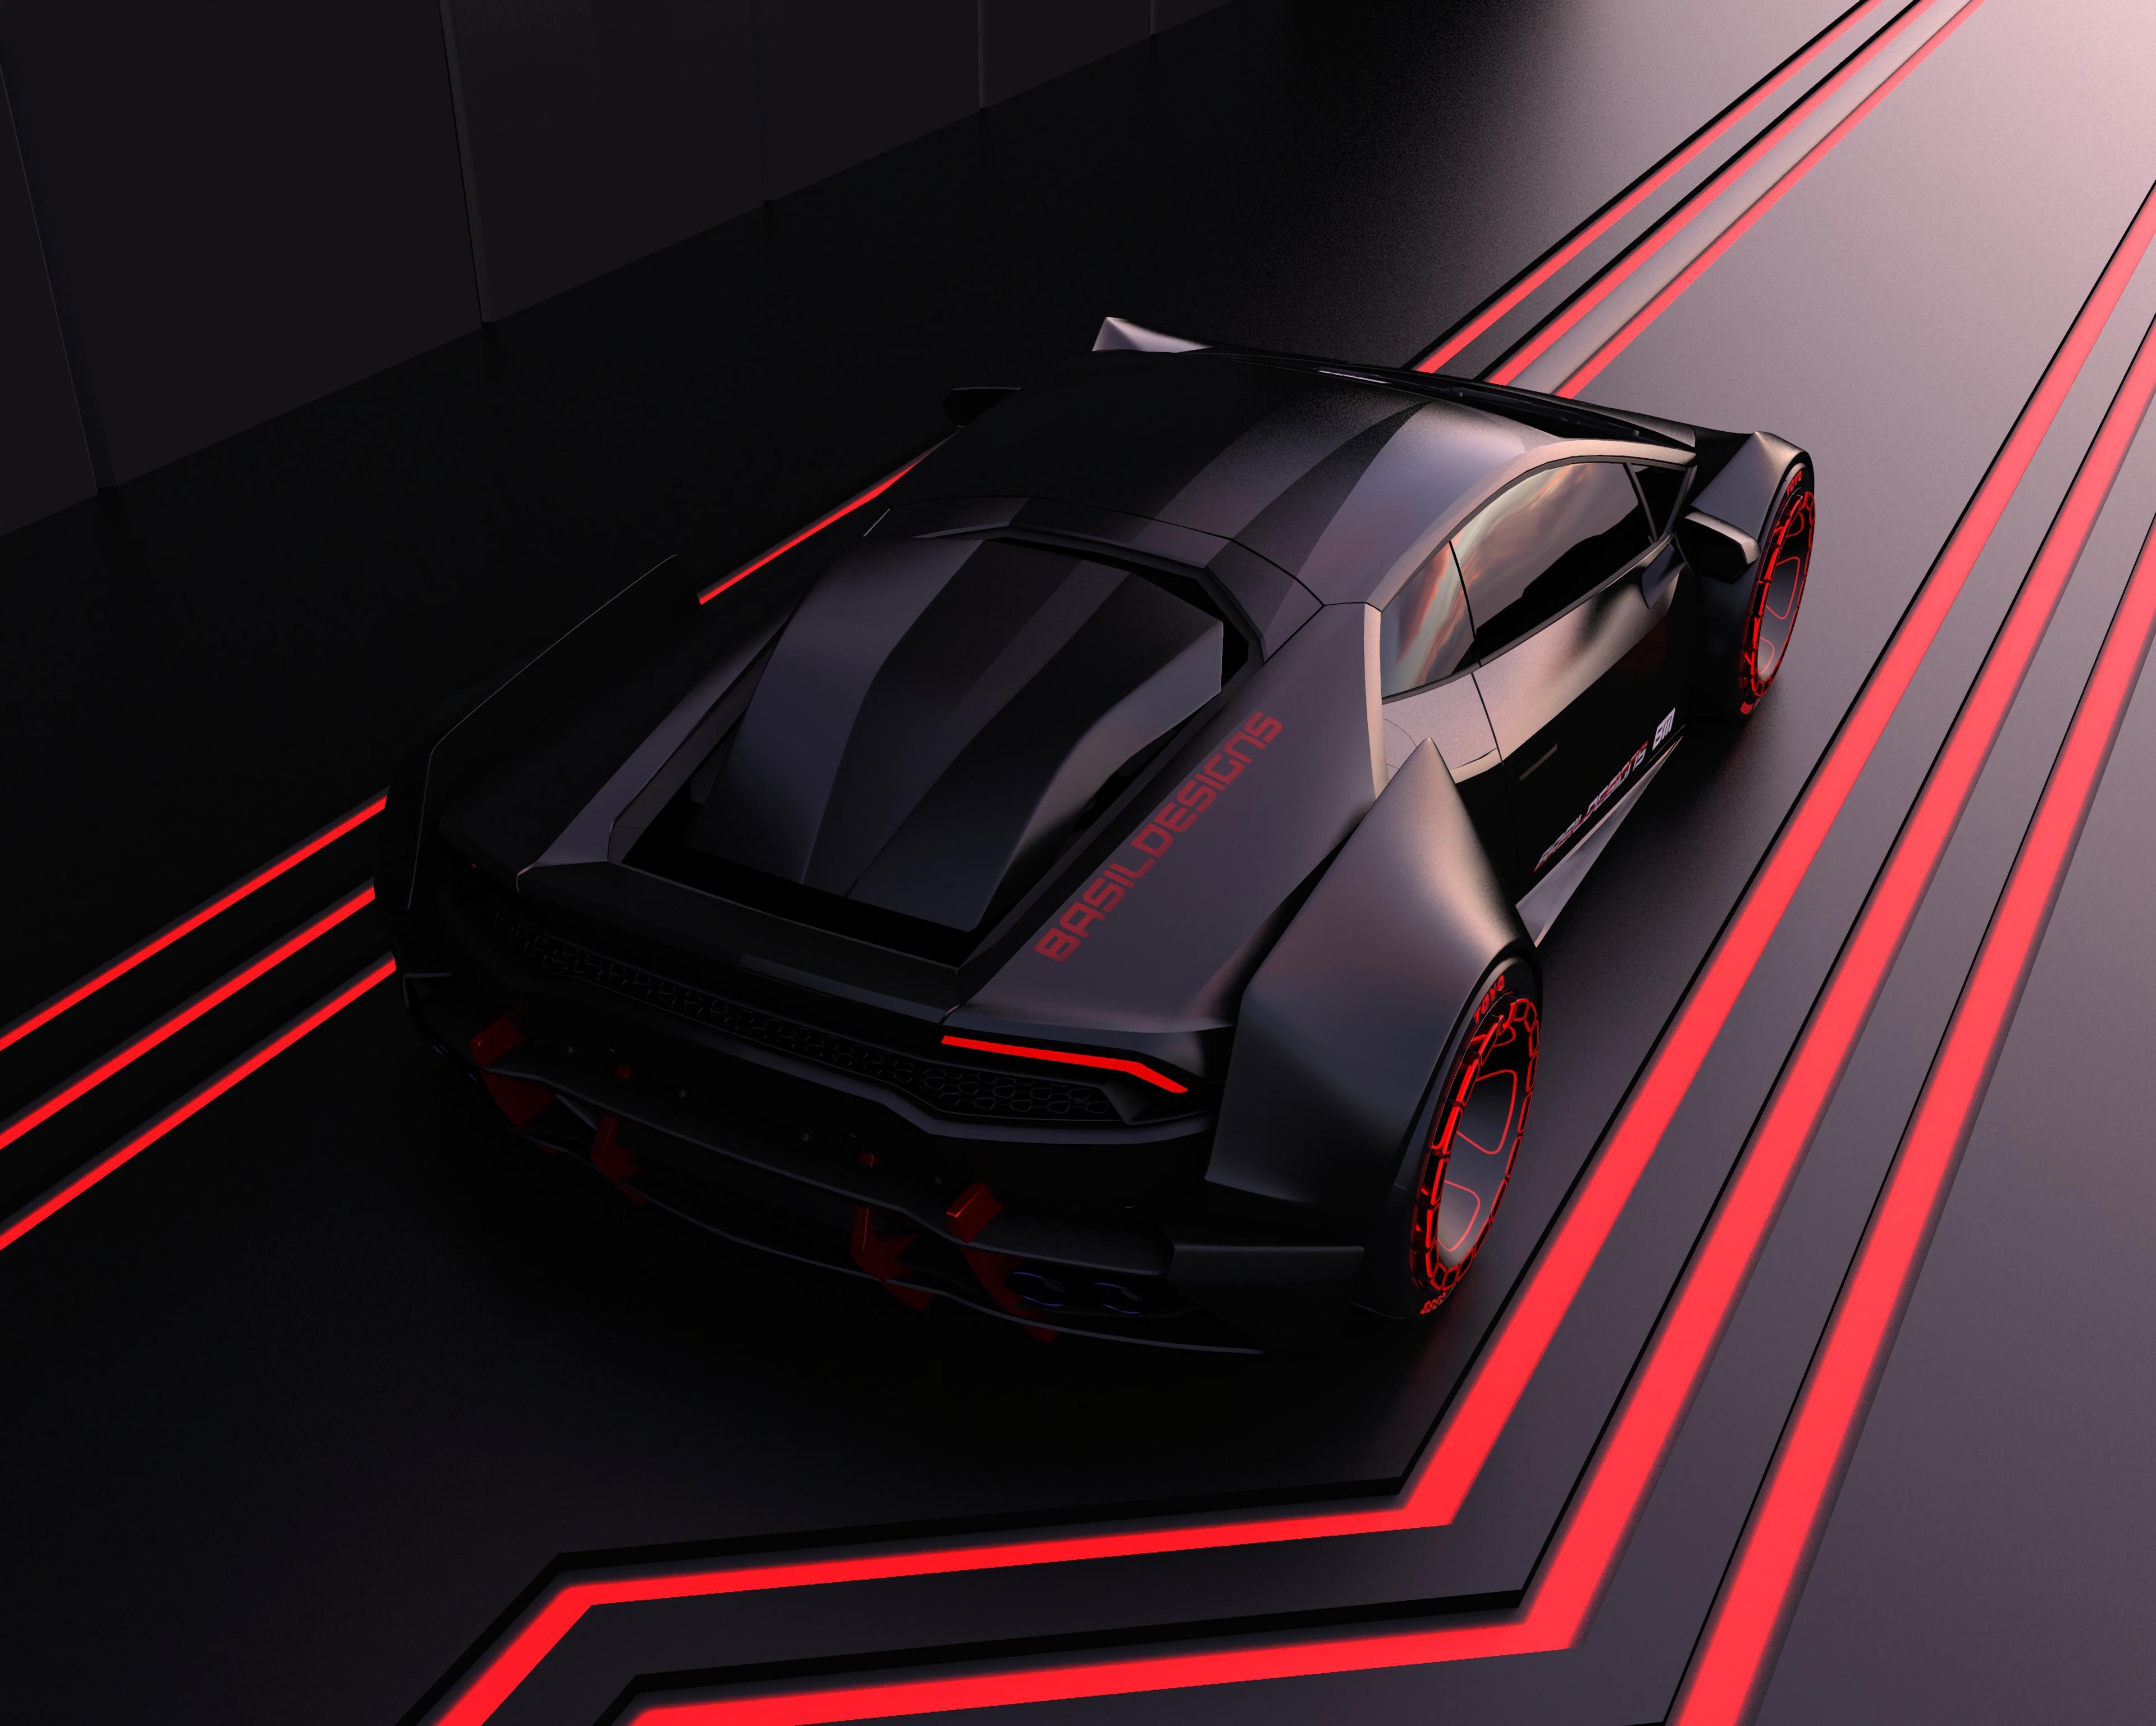 129569 скачать обои Тачки (Cars), Машины, Машина, Спортивный, Модель, Черный, Красный, Линии - заставки и картинки бесплатно